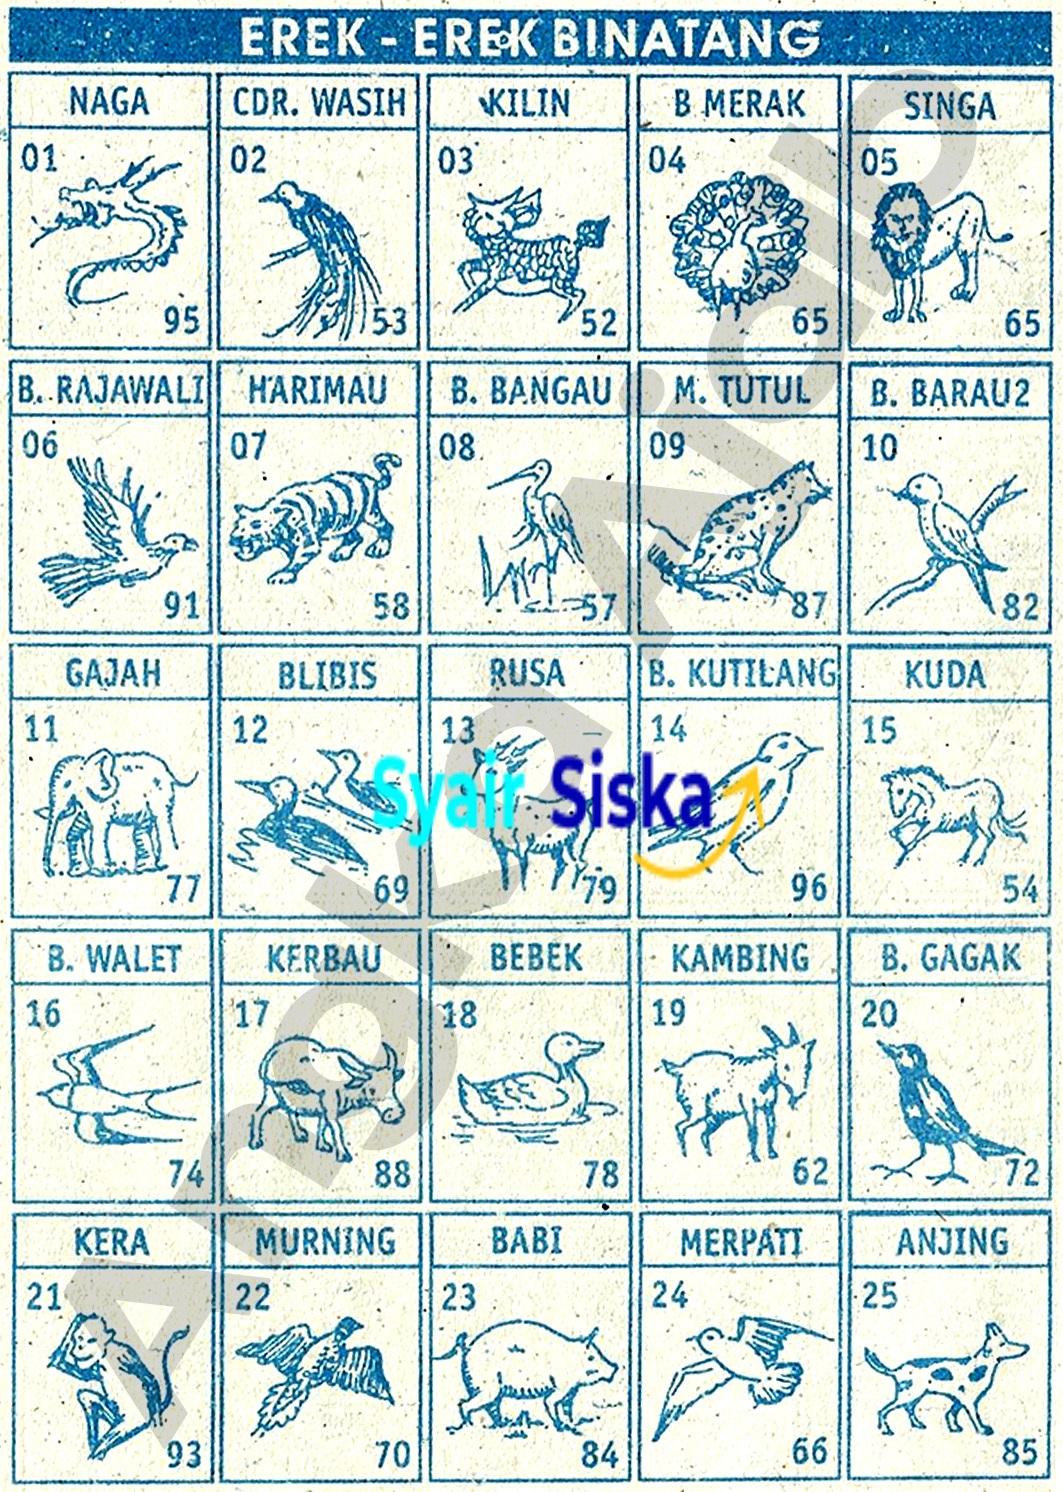 Erek Binatang Togel 2D 01 sampai 25